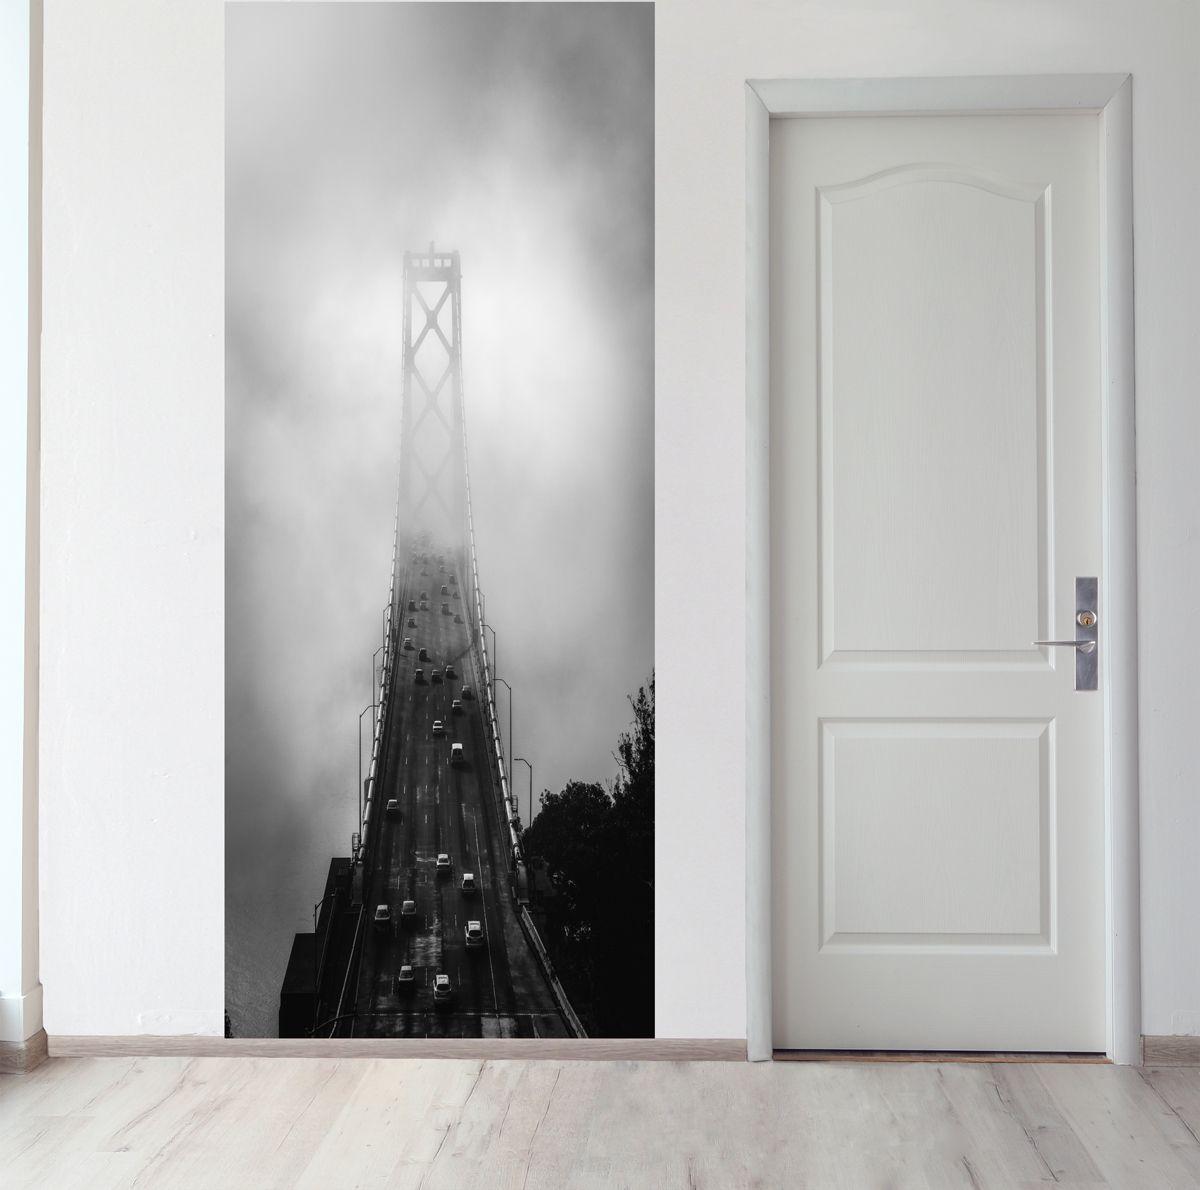 Панно на стену - Дорога сквозь облака купить в магазине Интерьерные наклейки